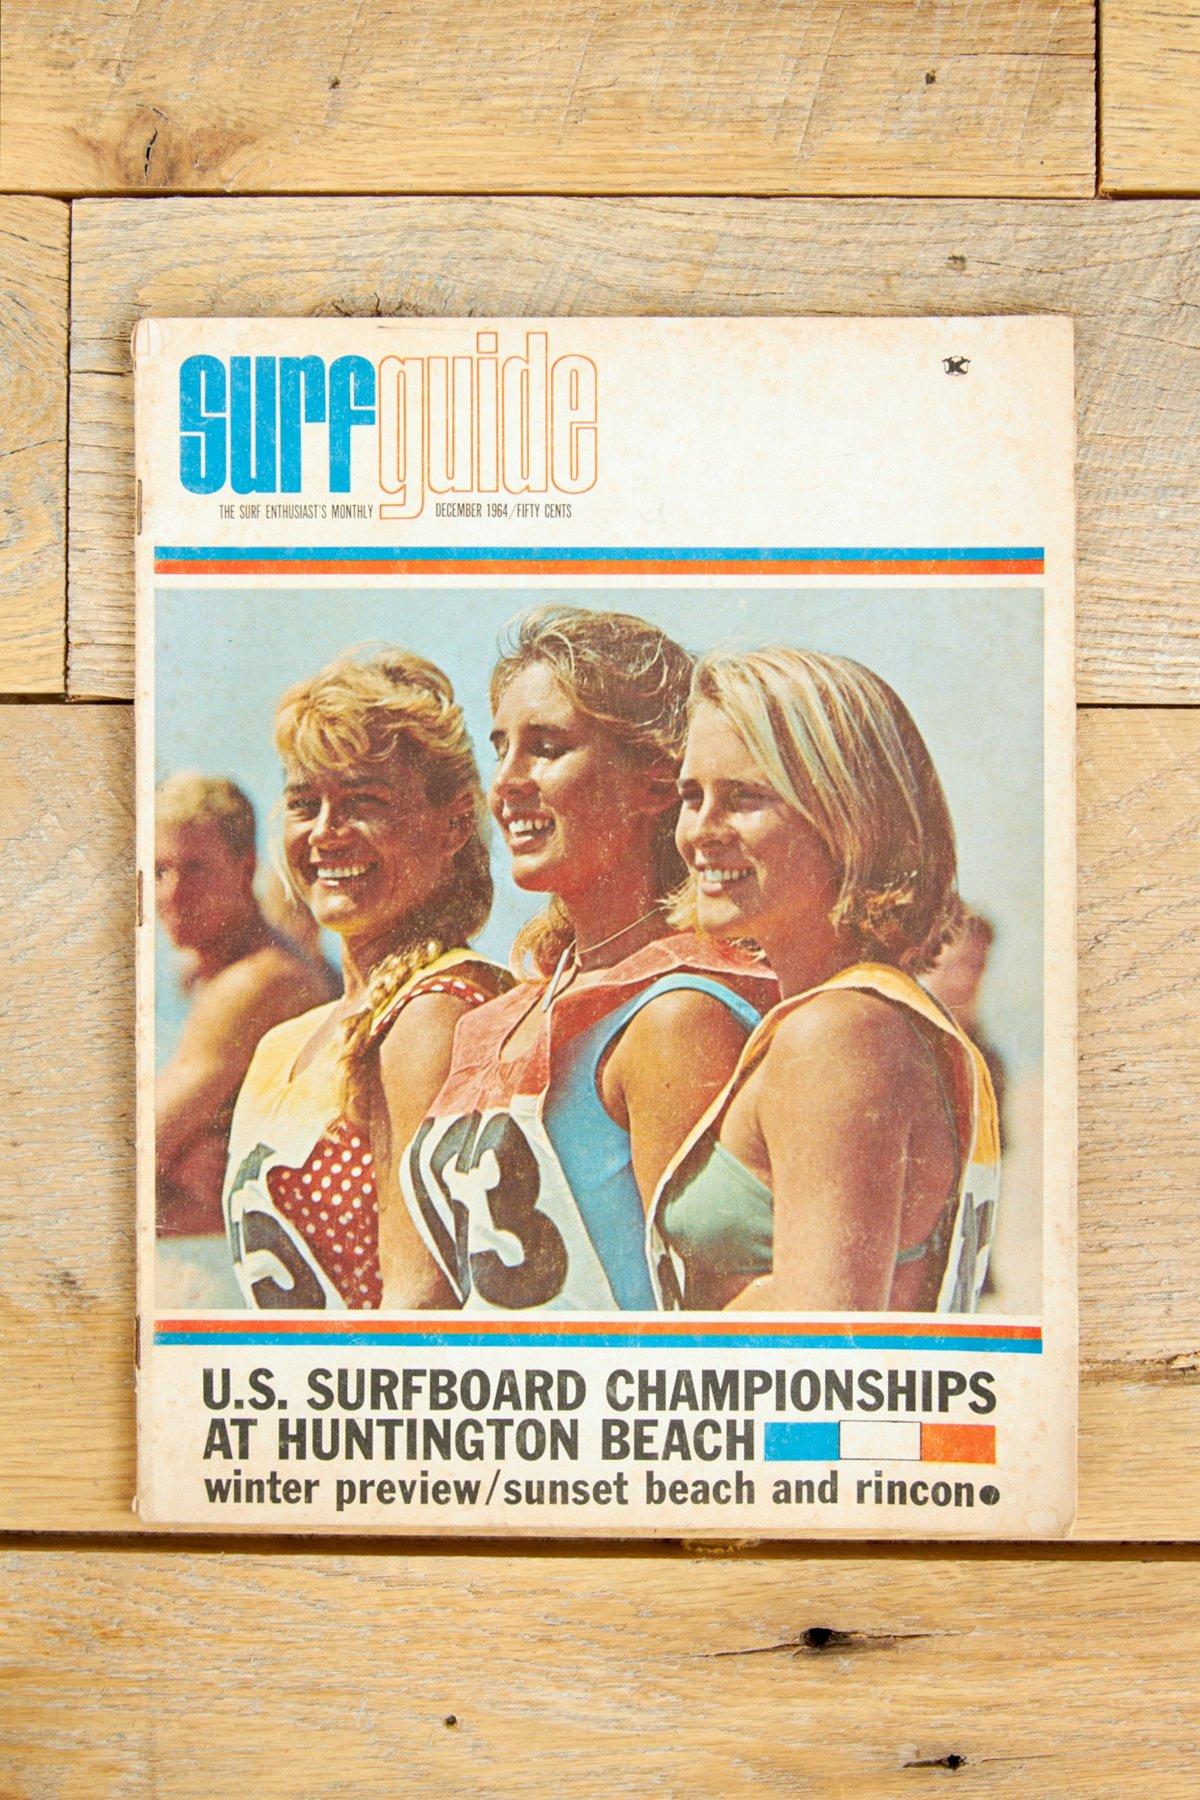 Vintage Surf Guide Magazine Dec. 1964